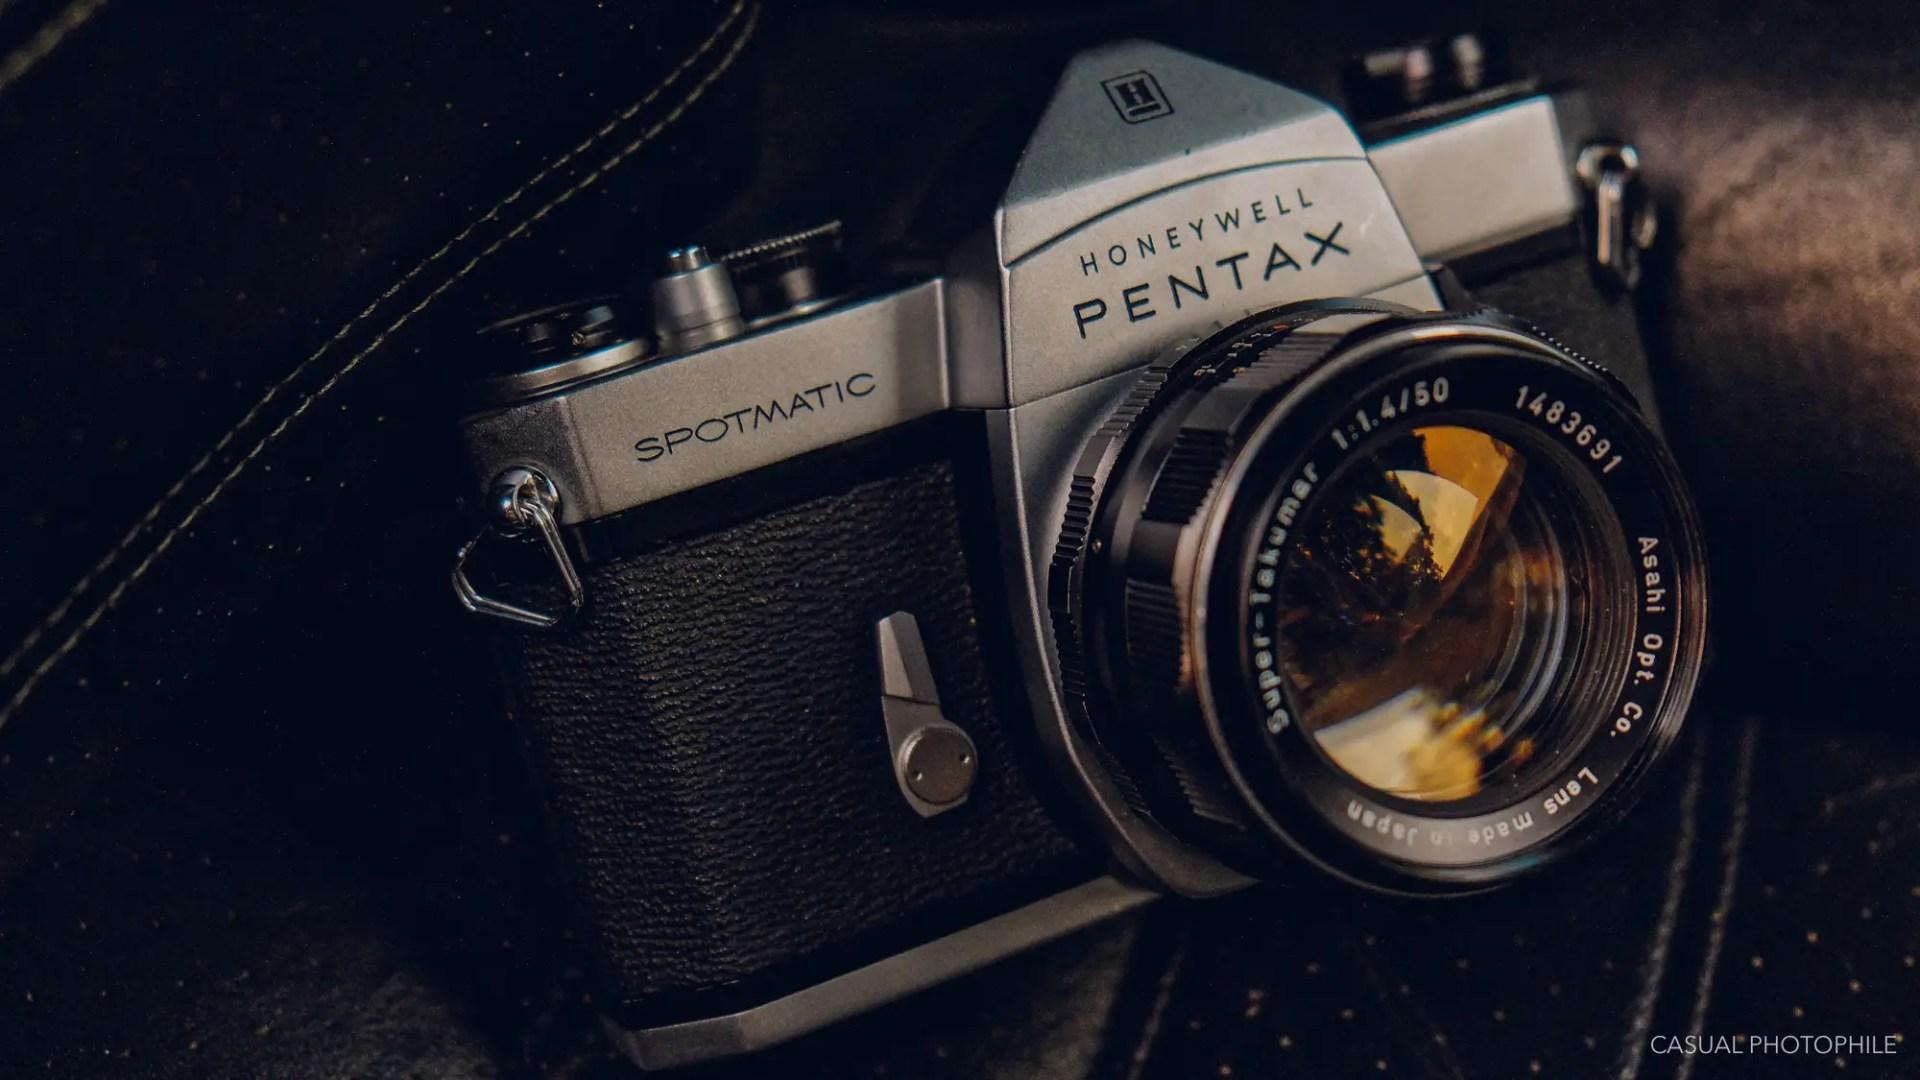 Pentax Super Takumar 50mm F/1 4 M42 Mount Lens Review